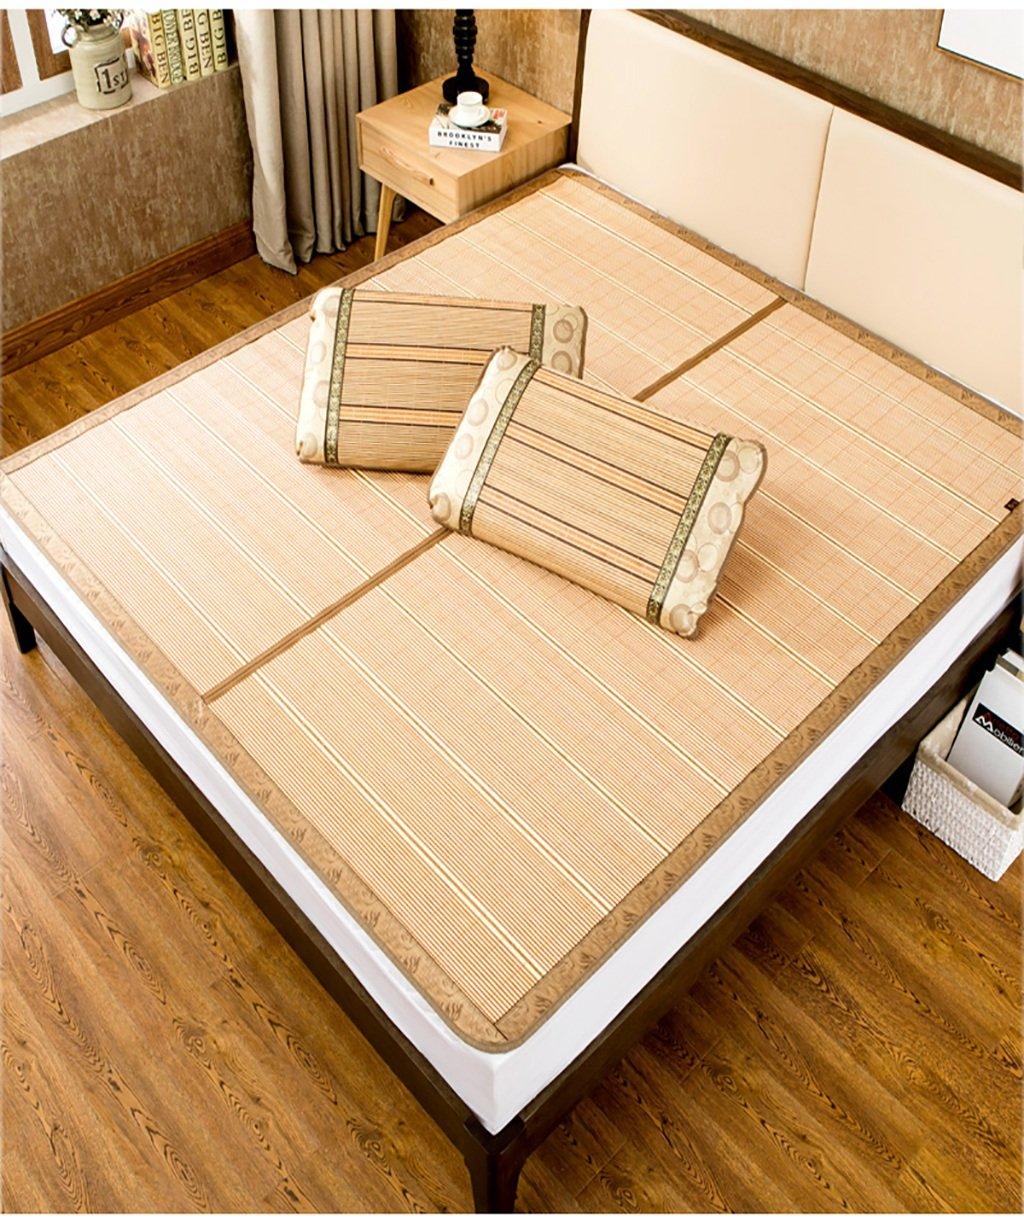 WENZHE Matratzen Strohmatte Teppiche Bambus Sommer Schlafmatten Haushalt Atmungsaktiv Faltbar Matten (Farbe : B, größe : 1  1.9m)